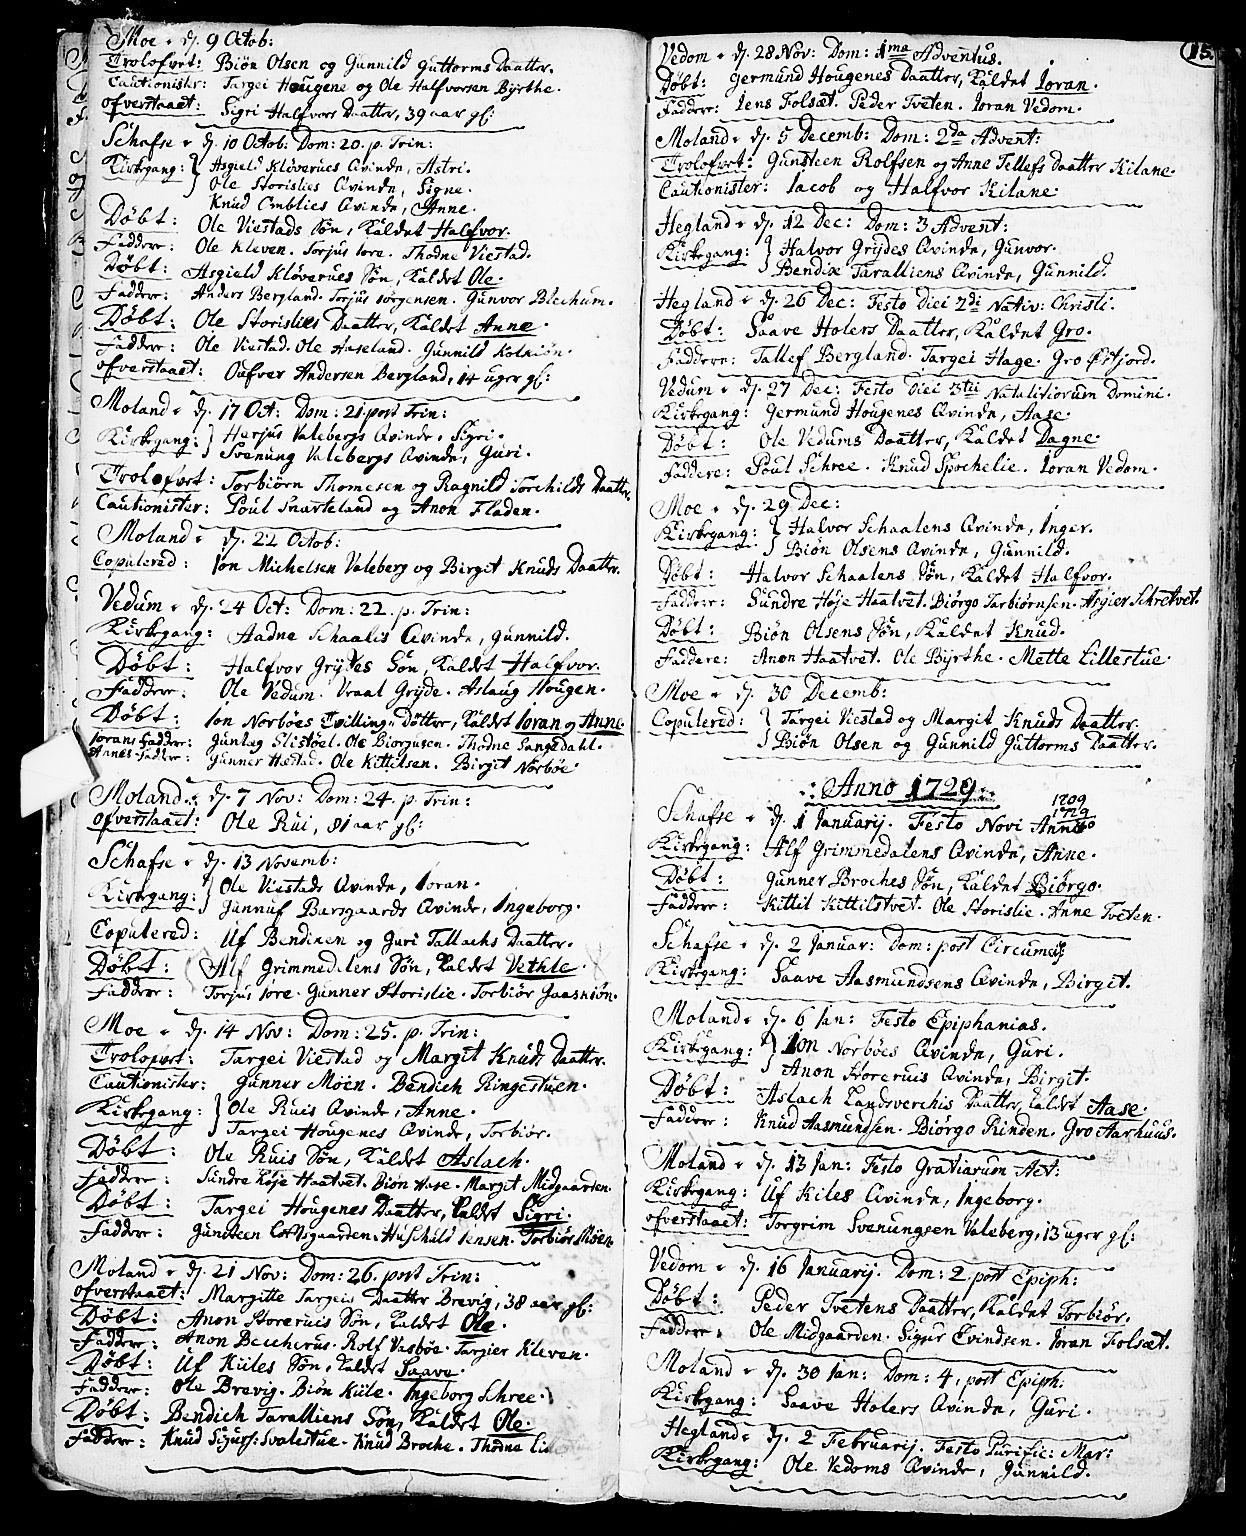 SAKO, Fyresdal kirkebøker, F/Fa/L0001: Ministerialbok nr. I 1, 1724-1748, s. 15